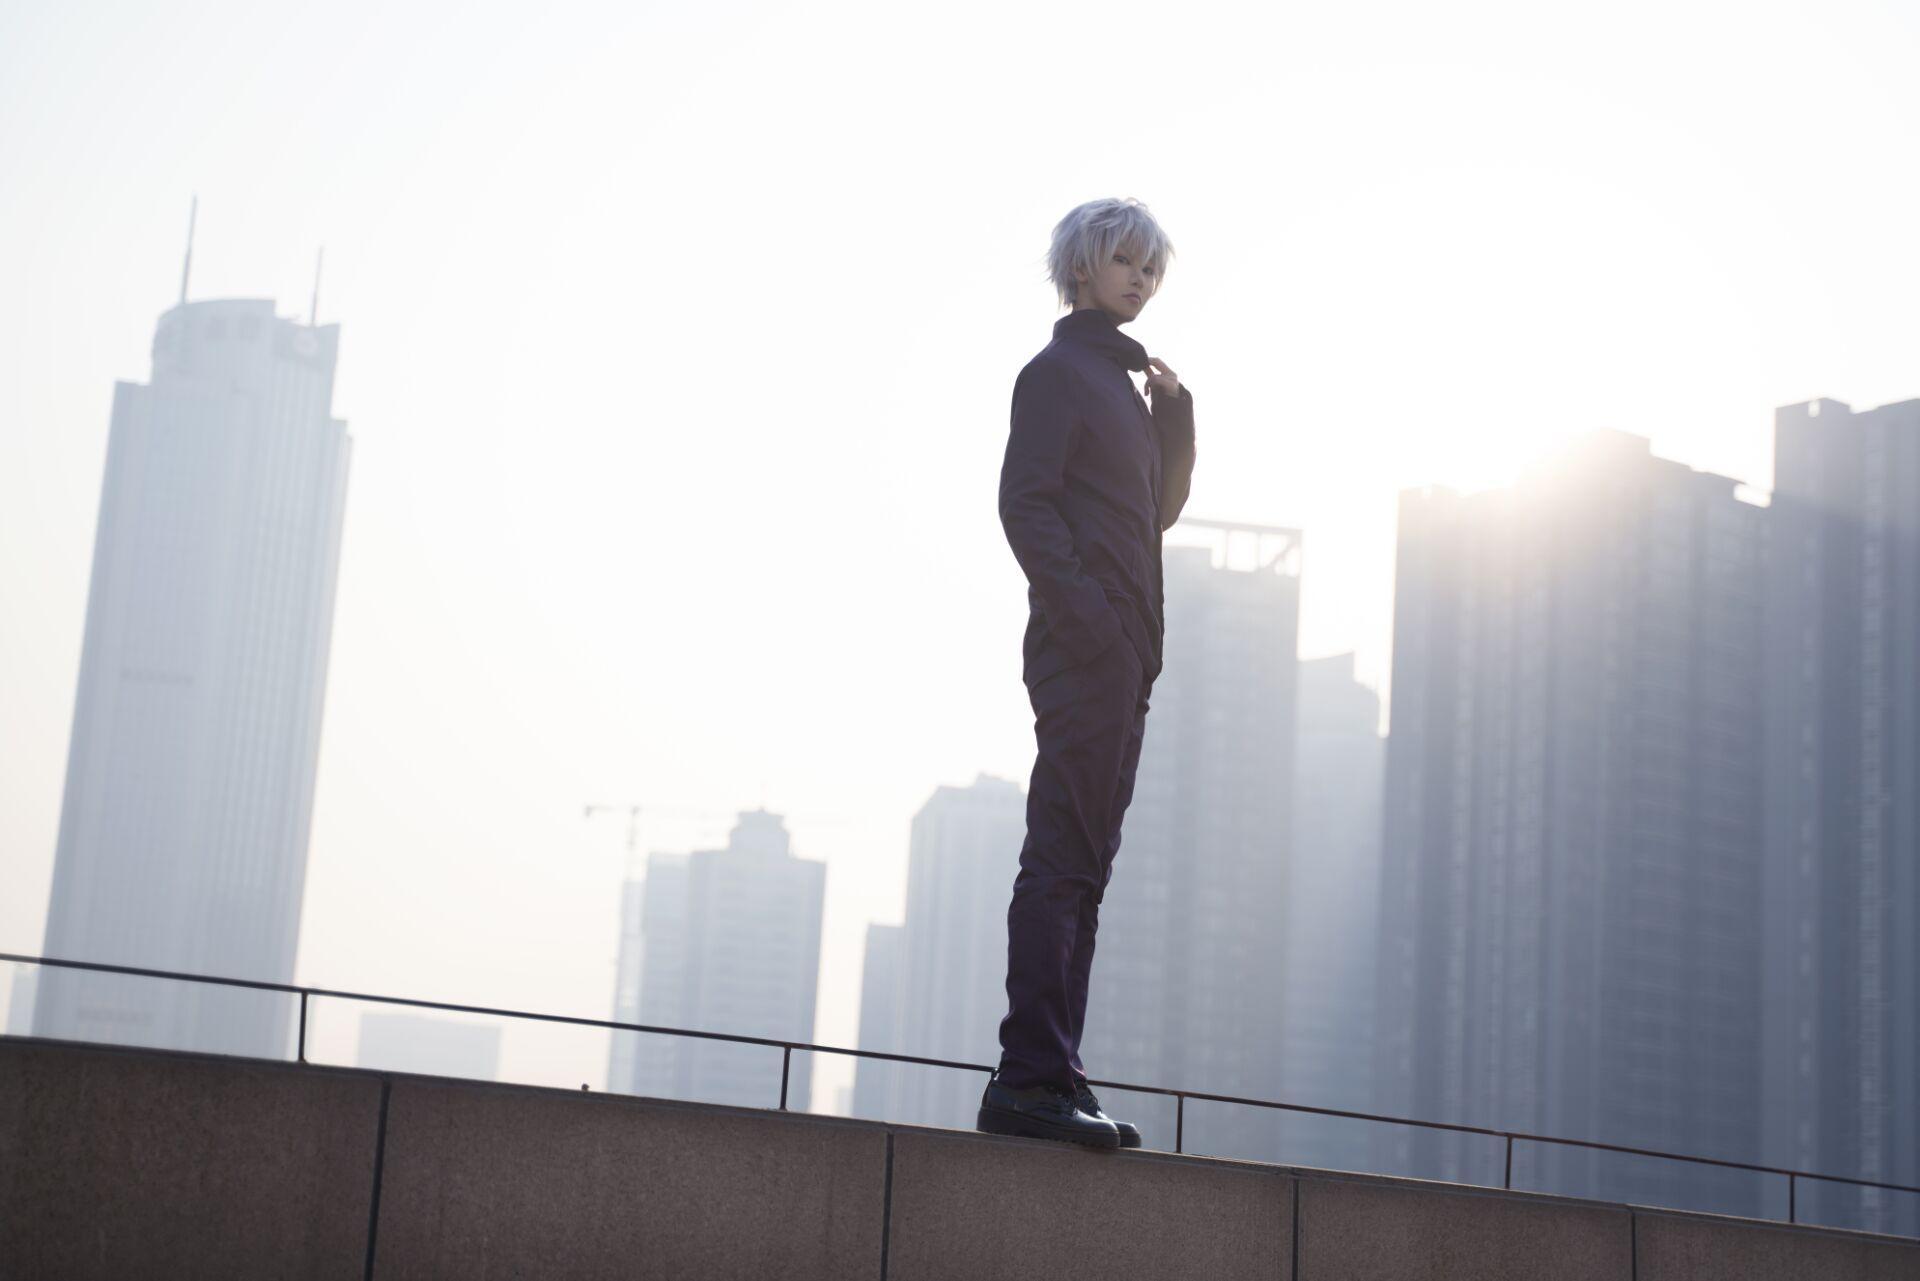 《咒术回战》是伊川啊_cosplay-第6张